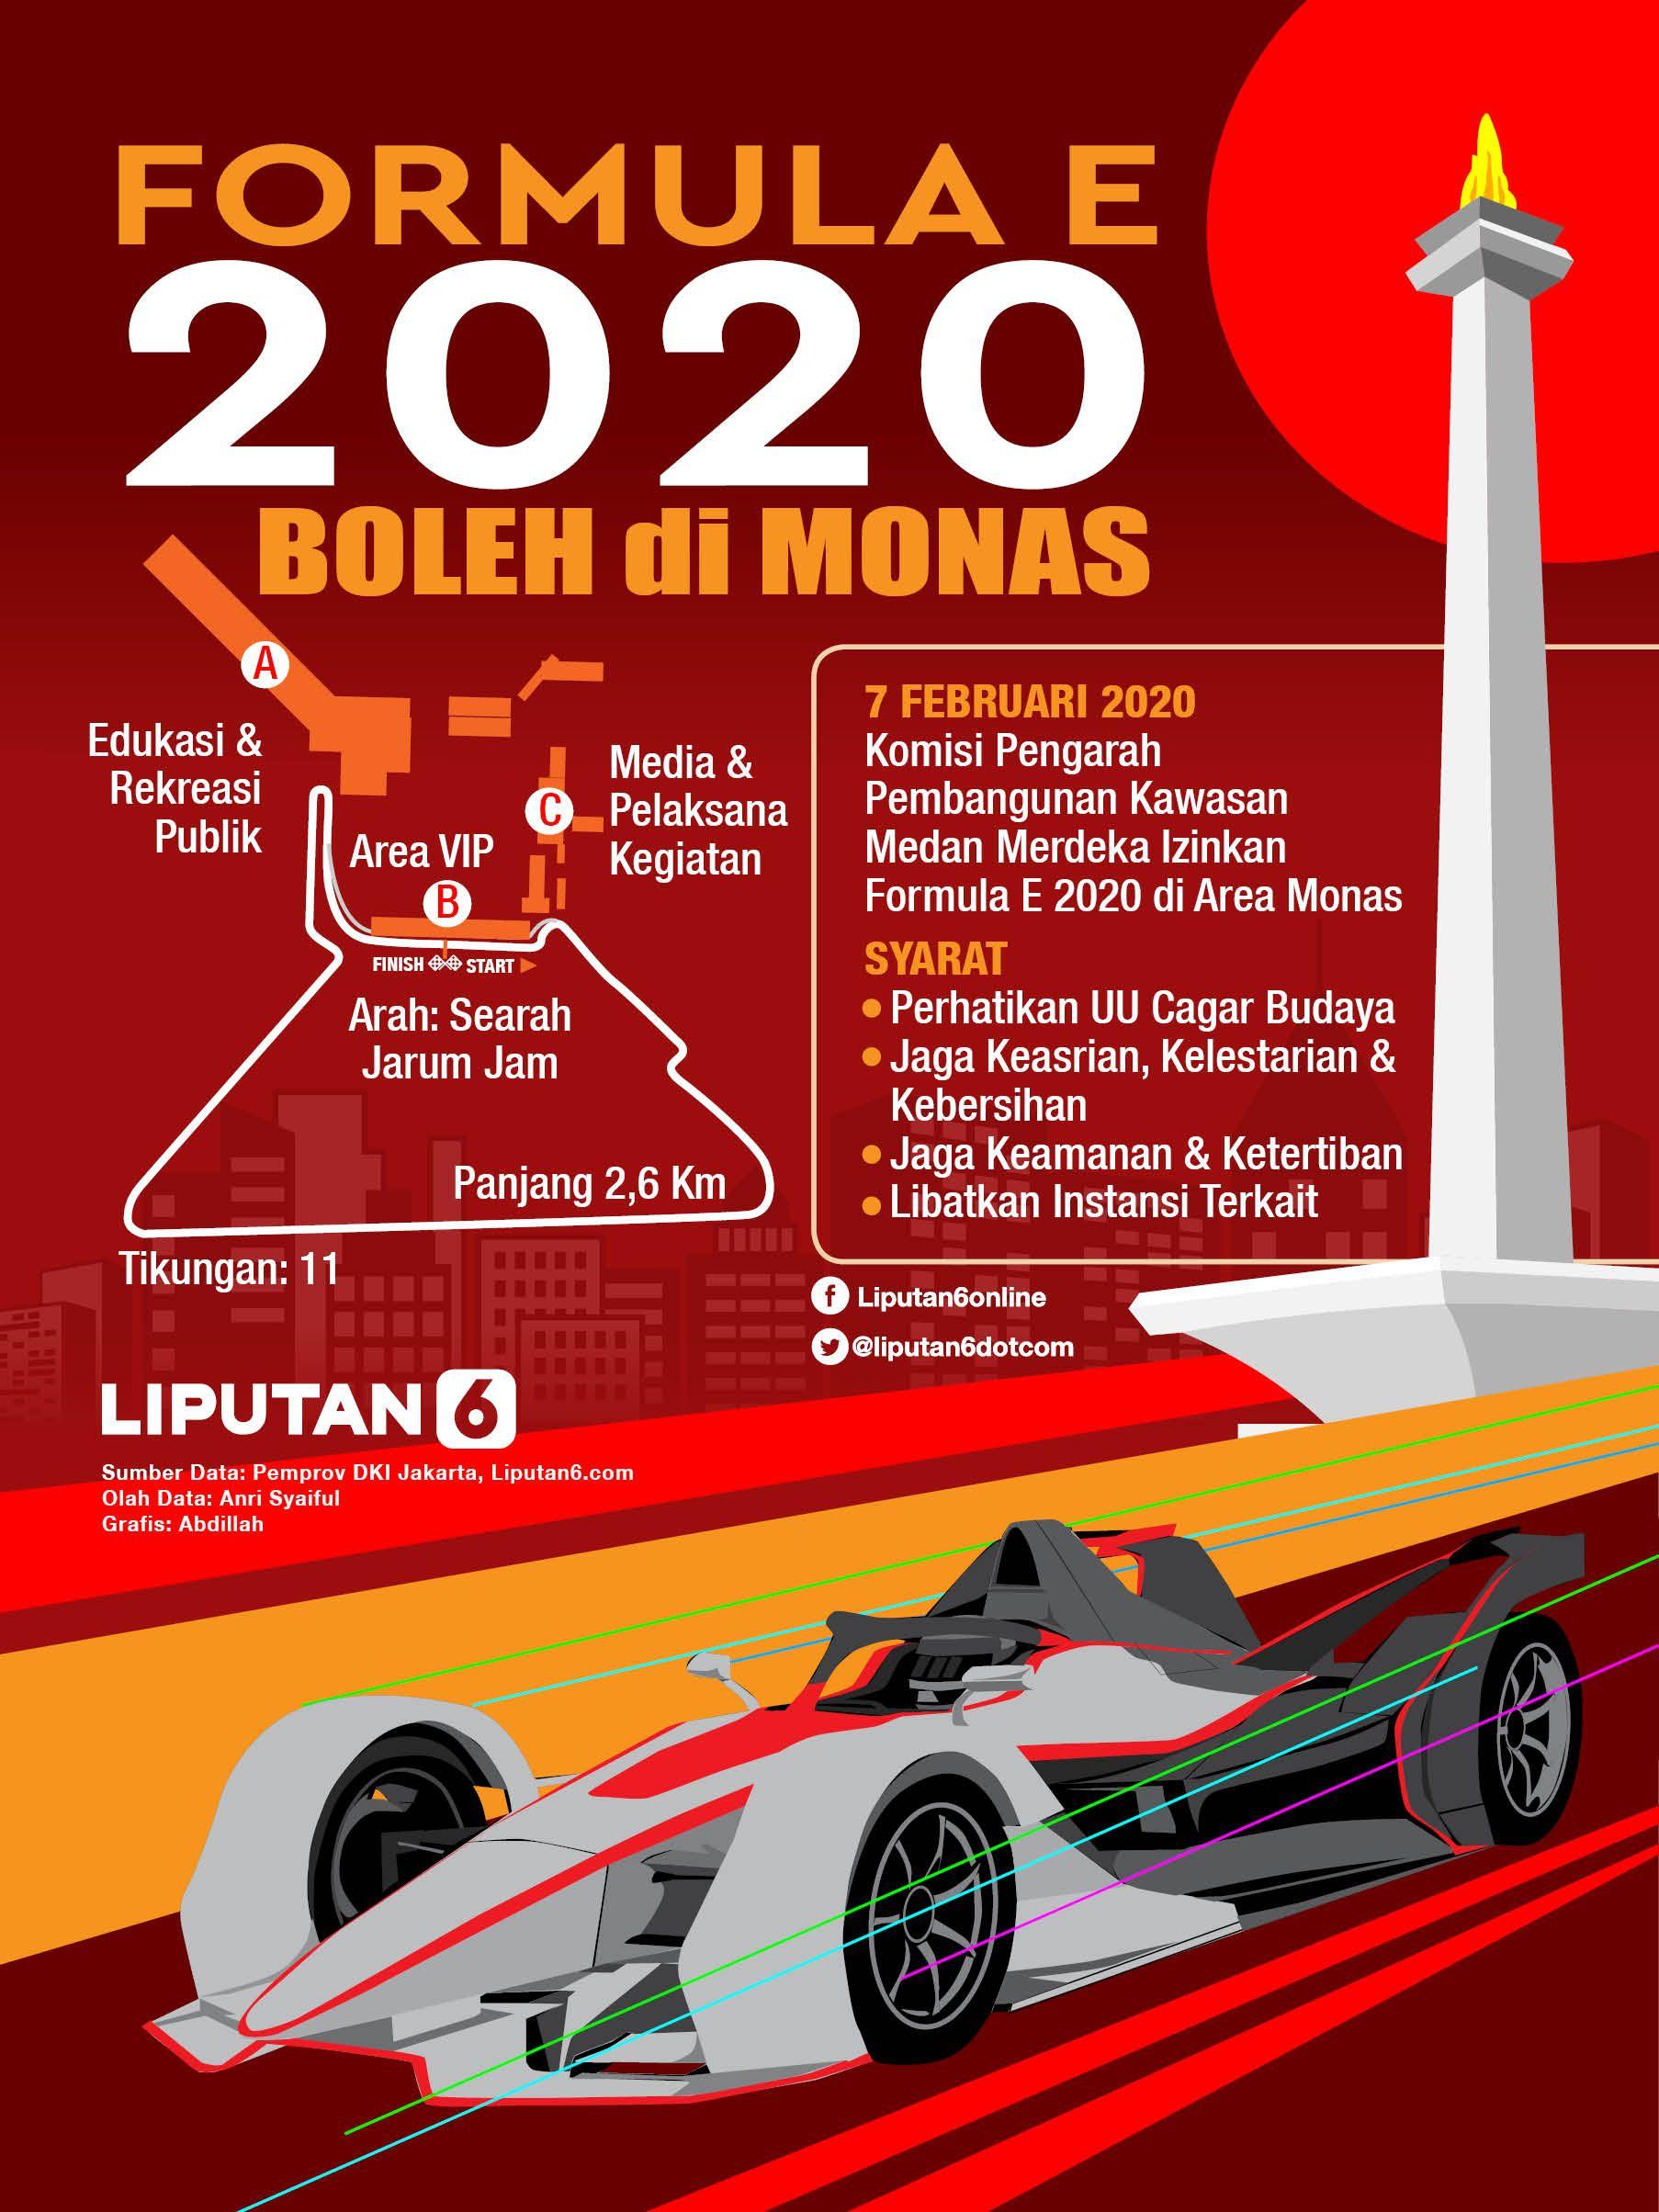 Infografis 200213 Formula E 2020 Boleh Di Monas Publik Budaya Kelestarian